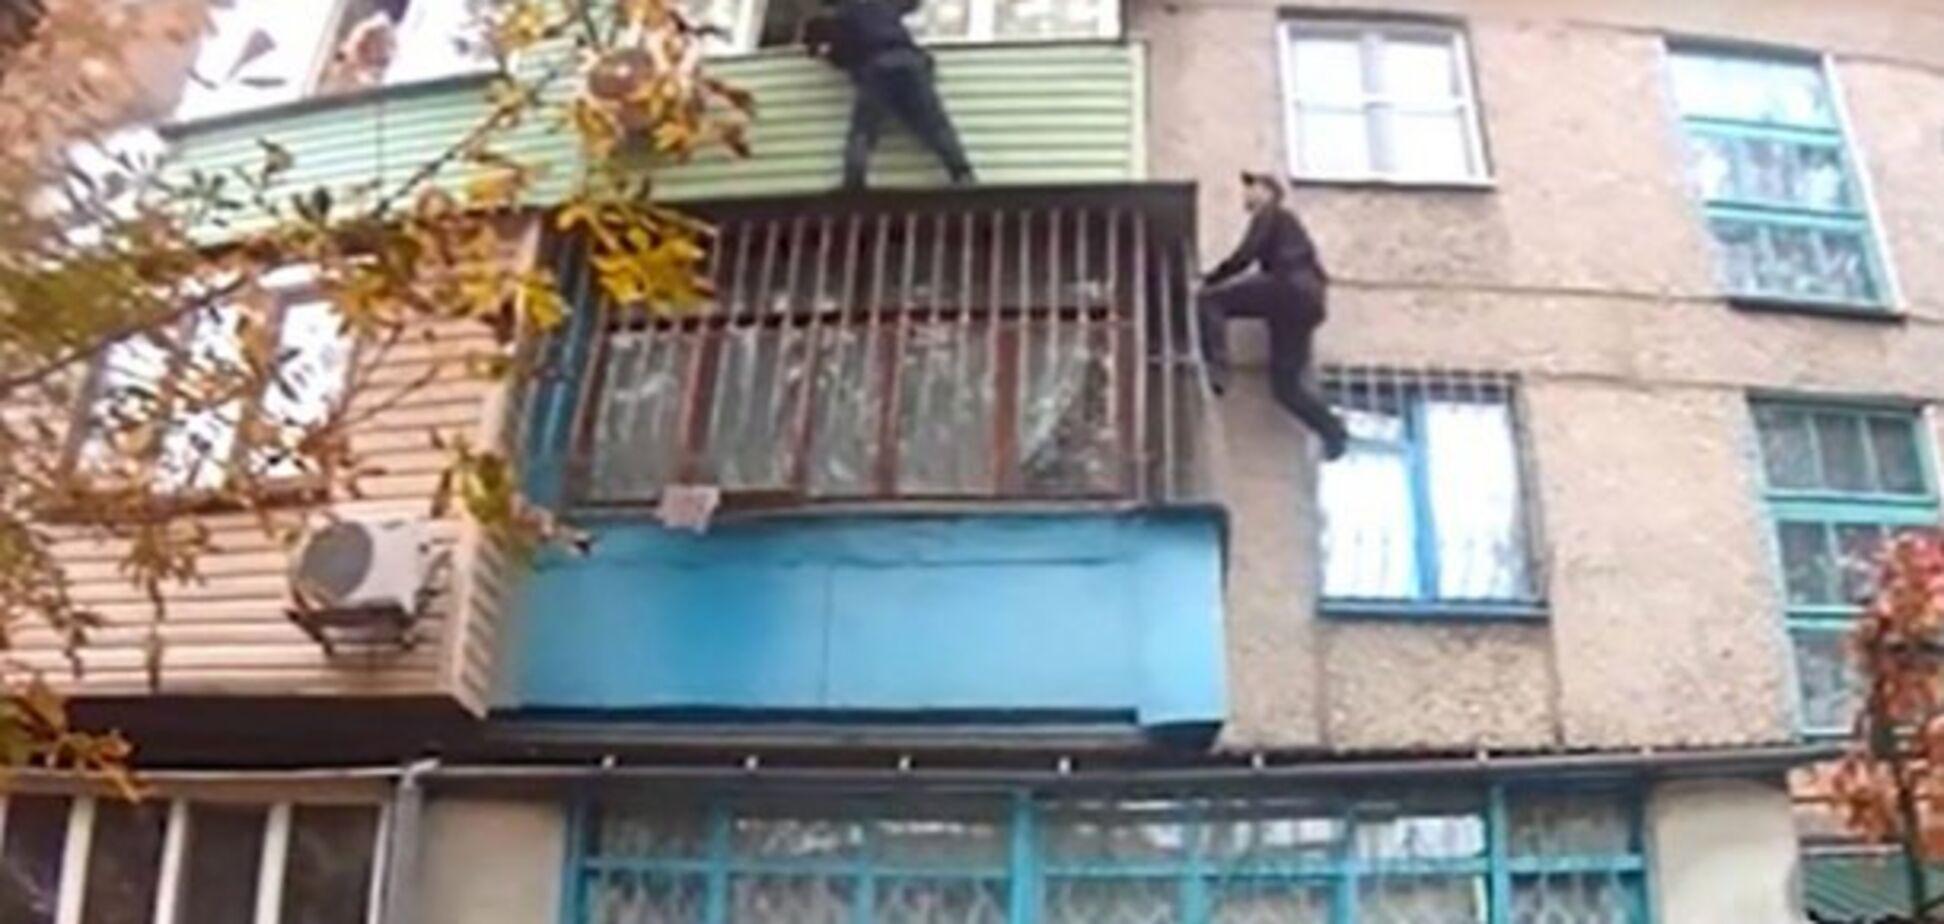 Житель Донбасса взял в заложники 7-летнюю дочь: появилось видео спасения